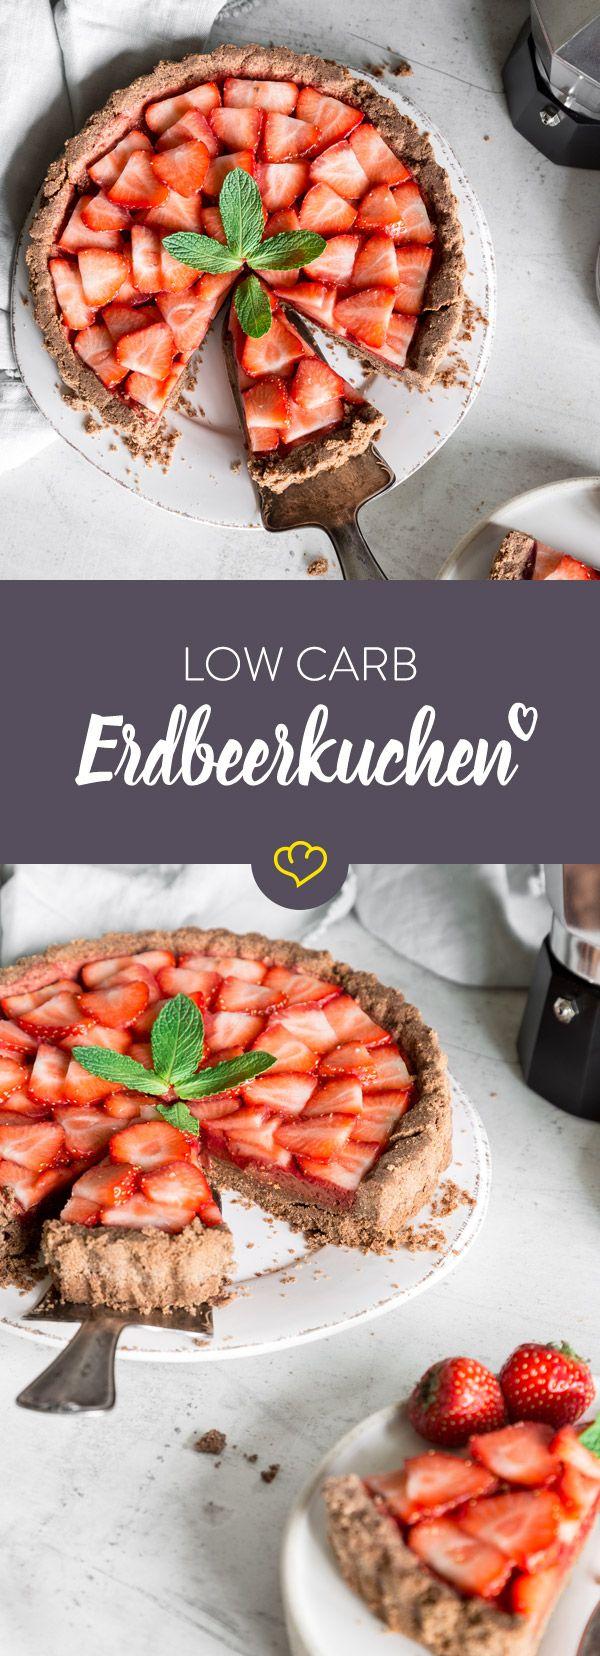 u liebst Erdbeerkuchen, willst aber Kohlenhydrate sparen? Dieser Low-Carb-Kuchen läutet mit einer fruchtigen Erdbeerfüllung den Frühling ein.